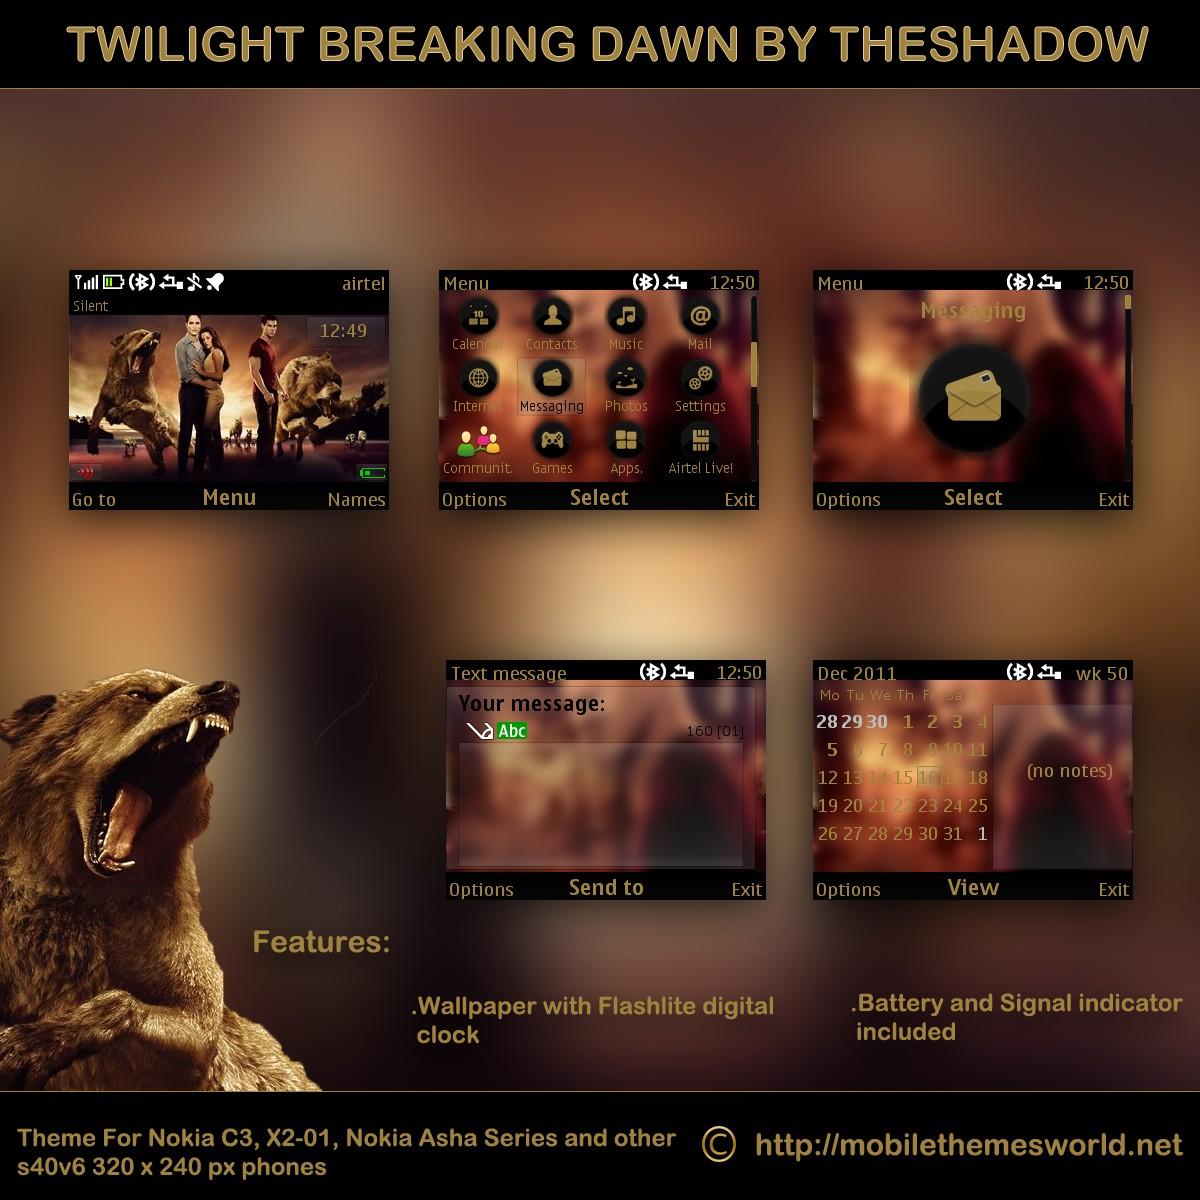 Twilight Breaking Dawn movie theme for Nokia C3, X2-01 & Asha 200, 201